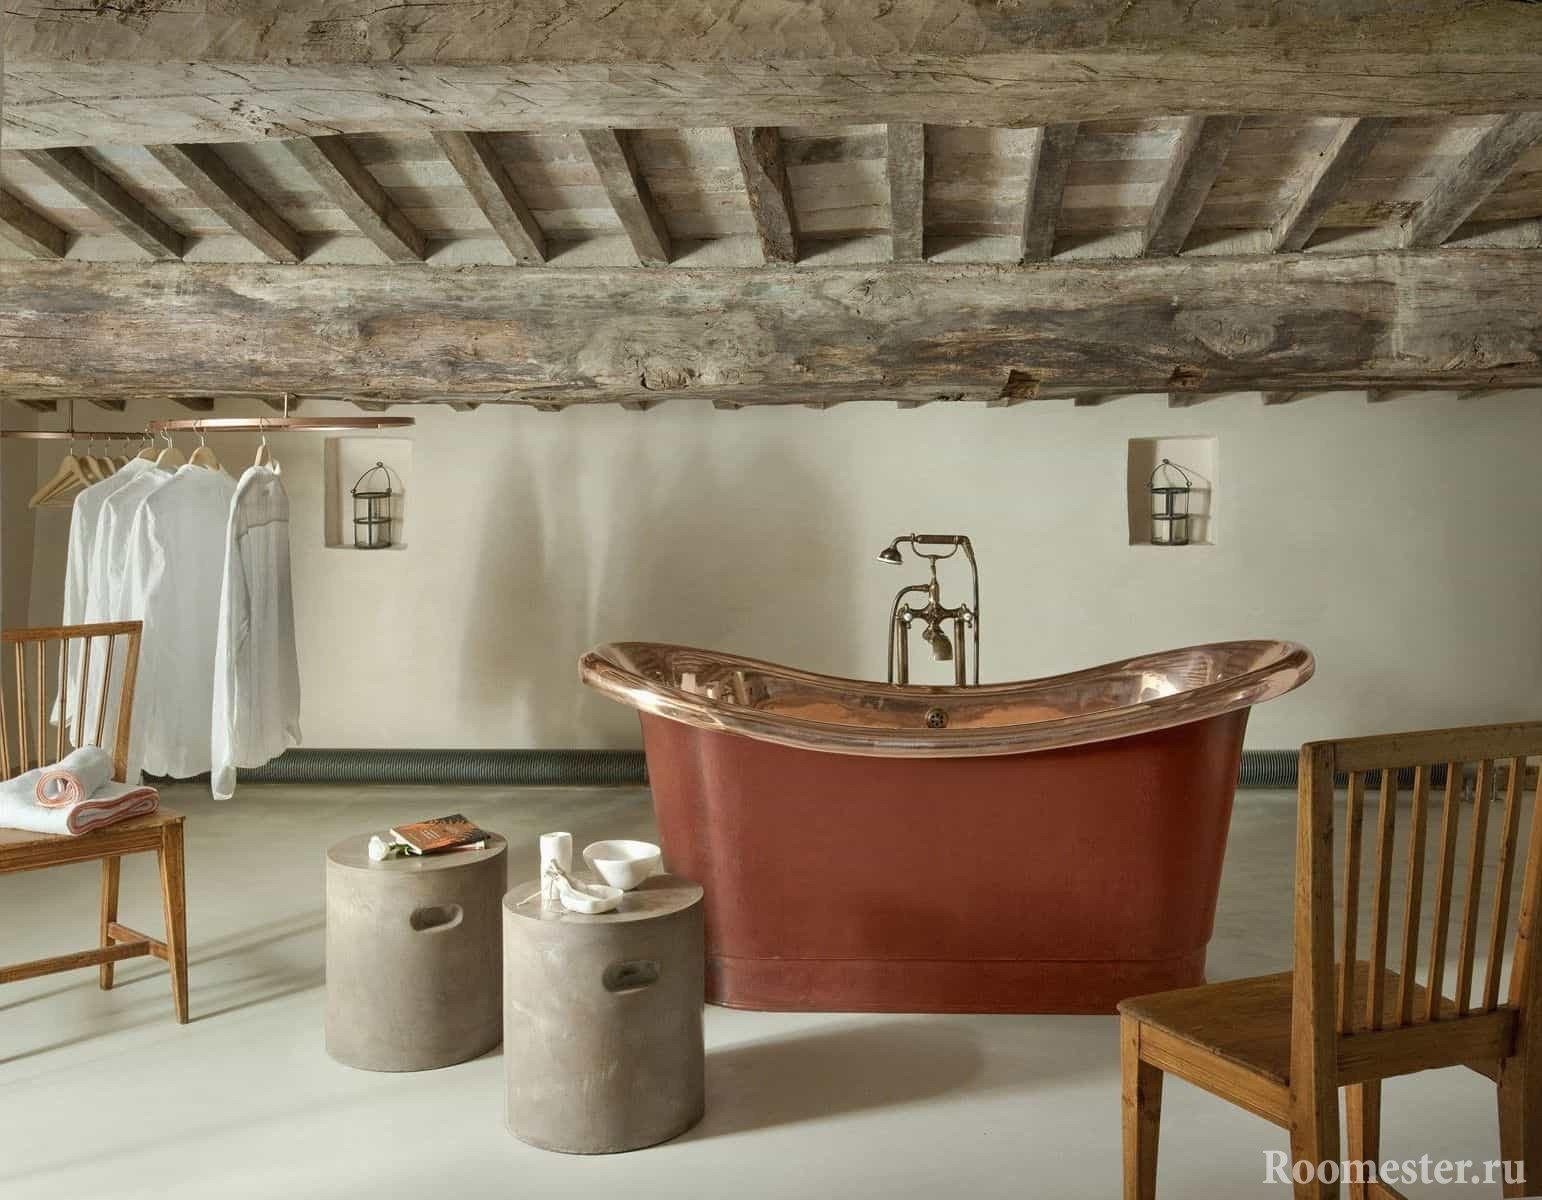 Потолок из деревянных балок в ванной